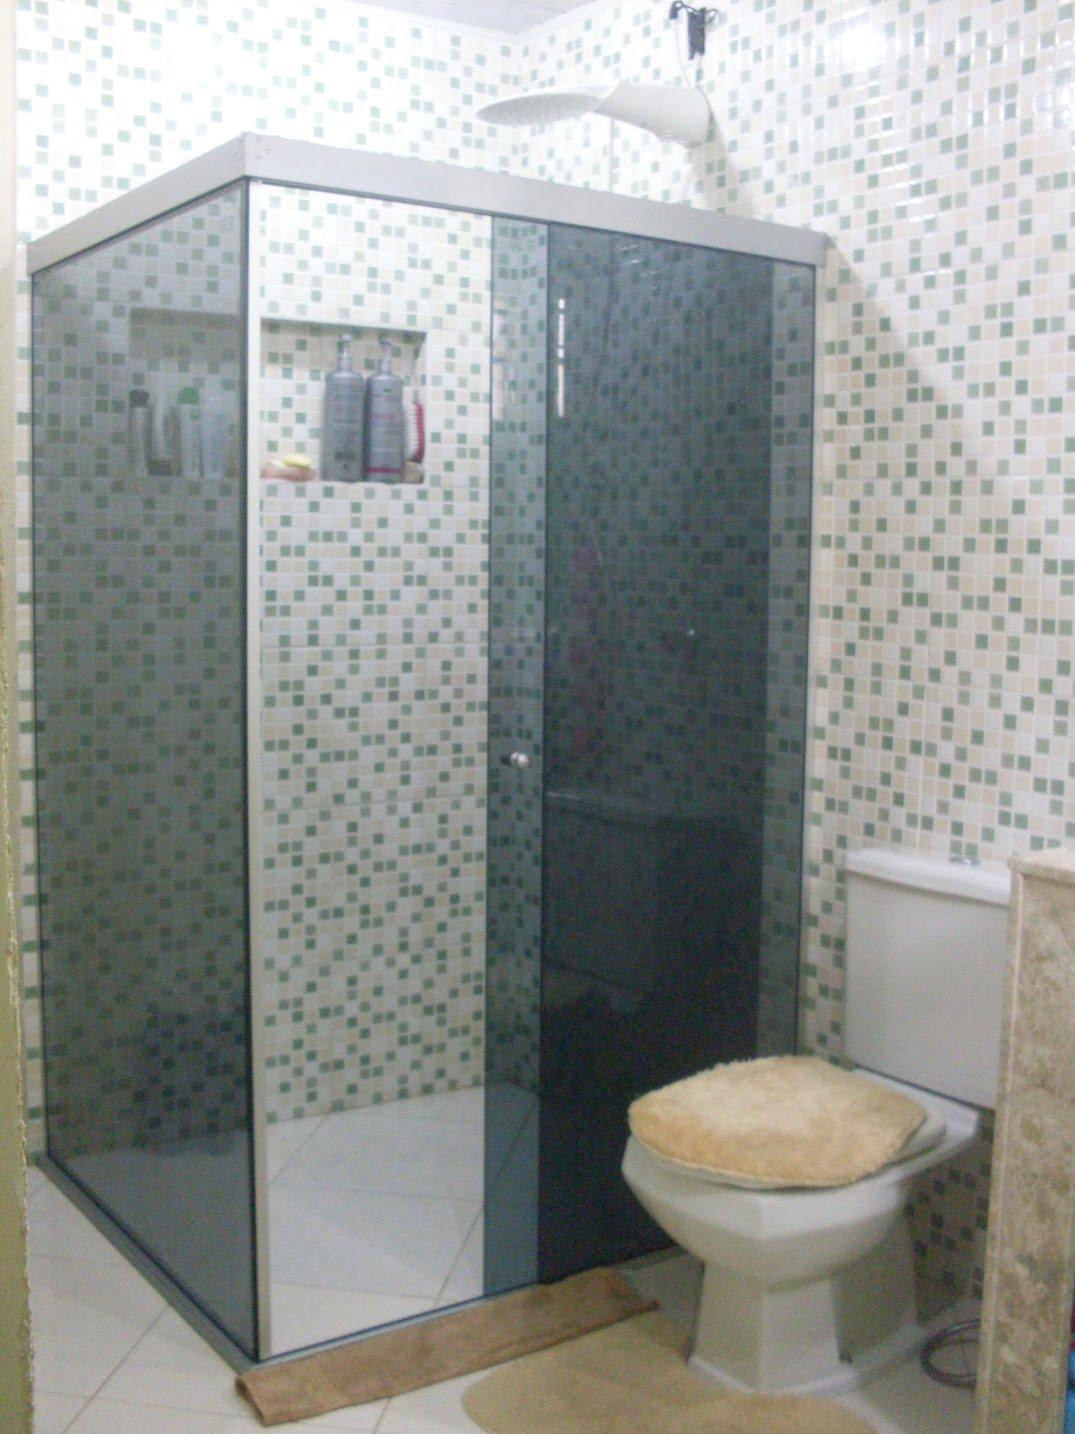 sábado 2 de março de 2013 #796952 1075x1434 Acabamento De Banheiro Pequeno Com Pastilhas